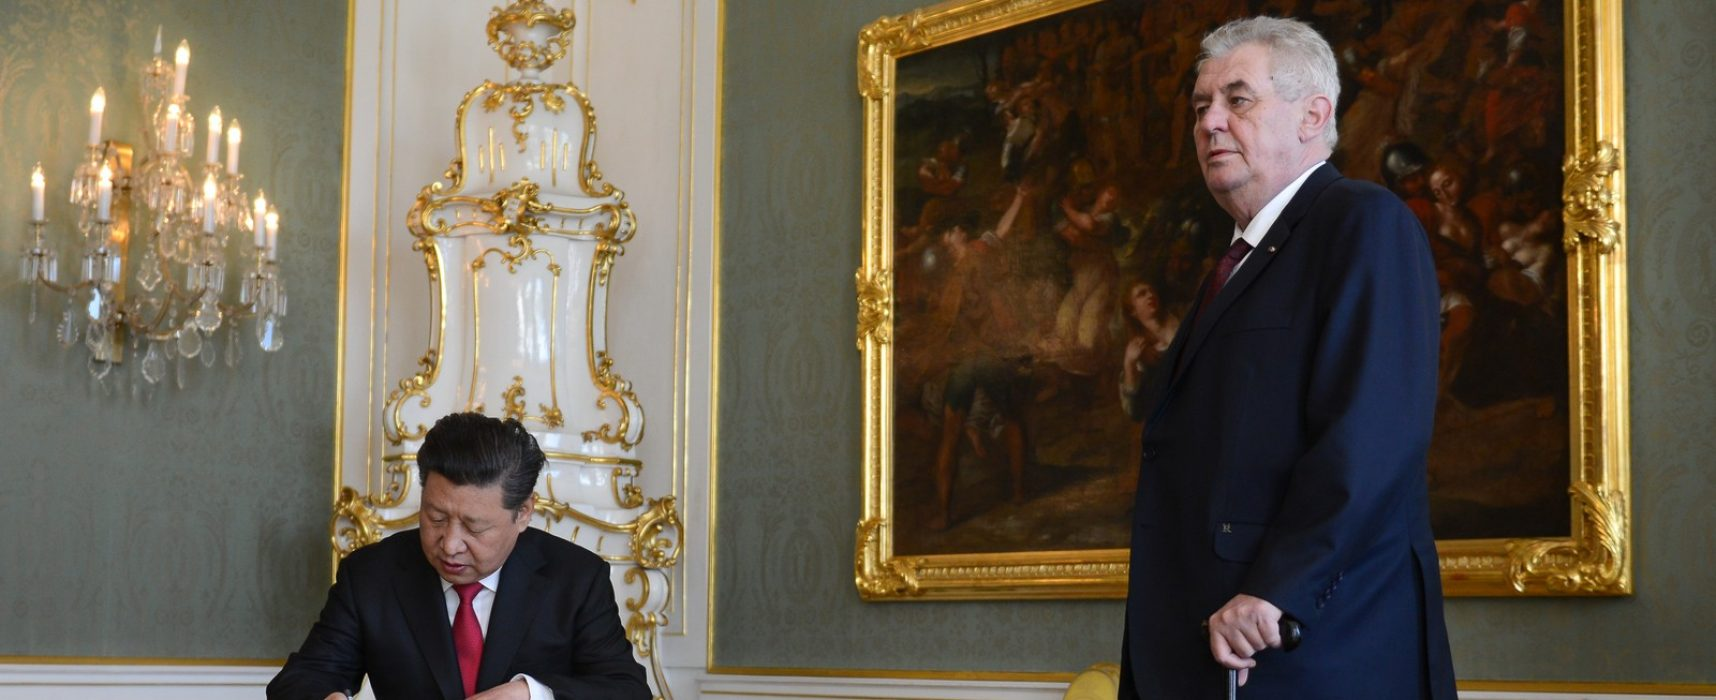 Чехия обвинила Россию в ведении информационной войны